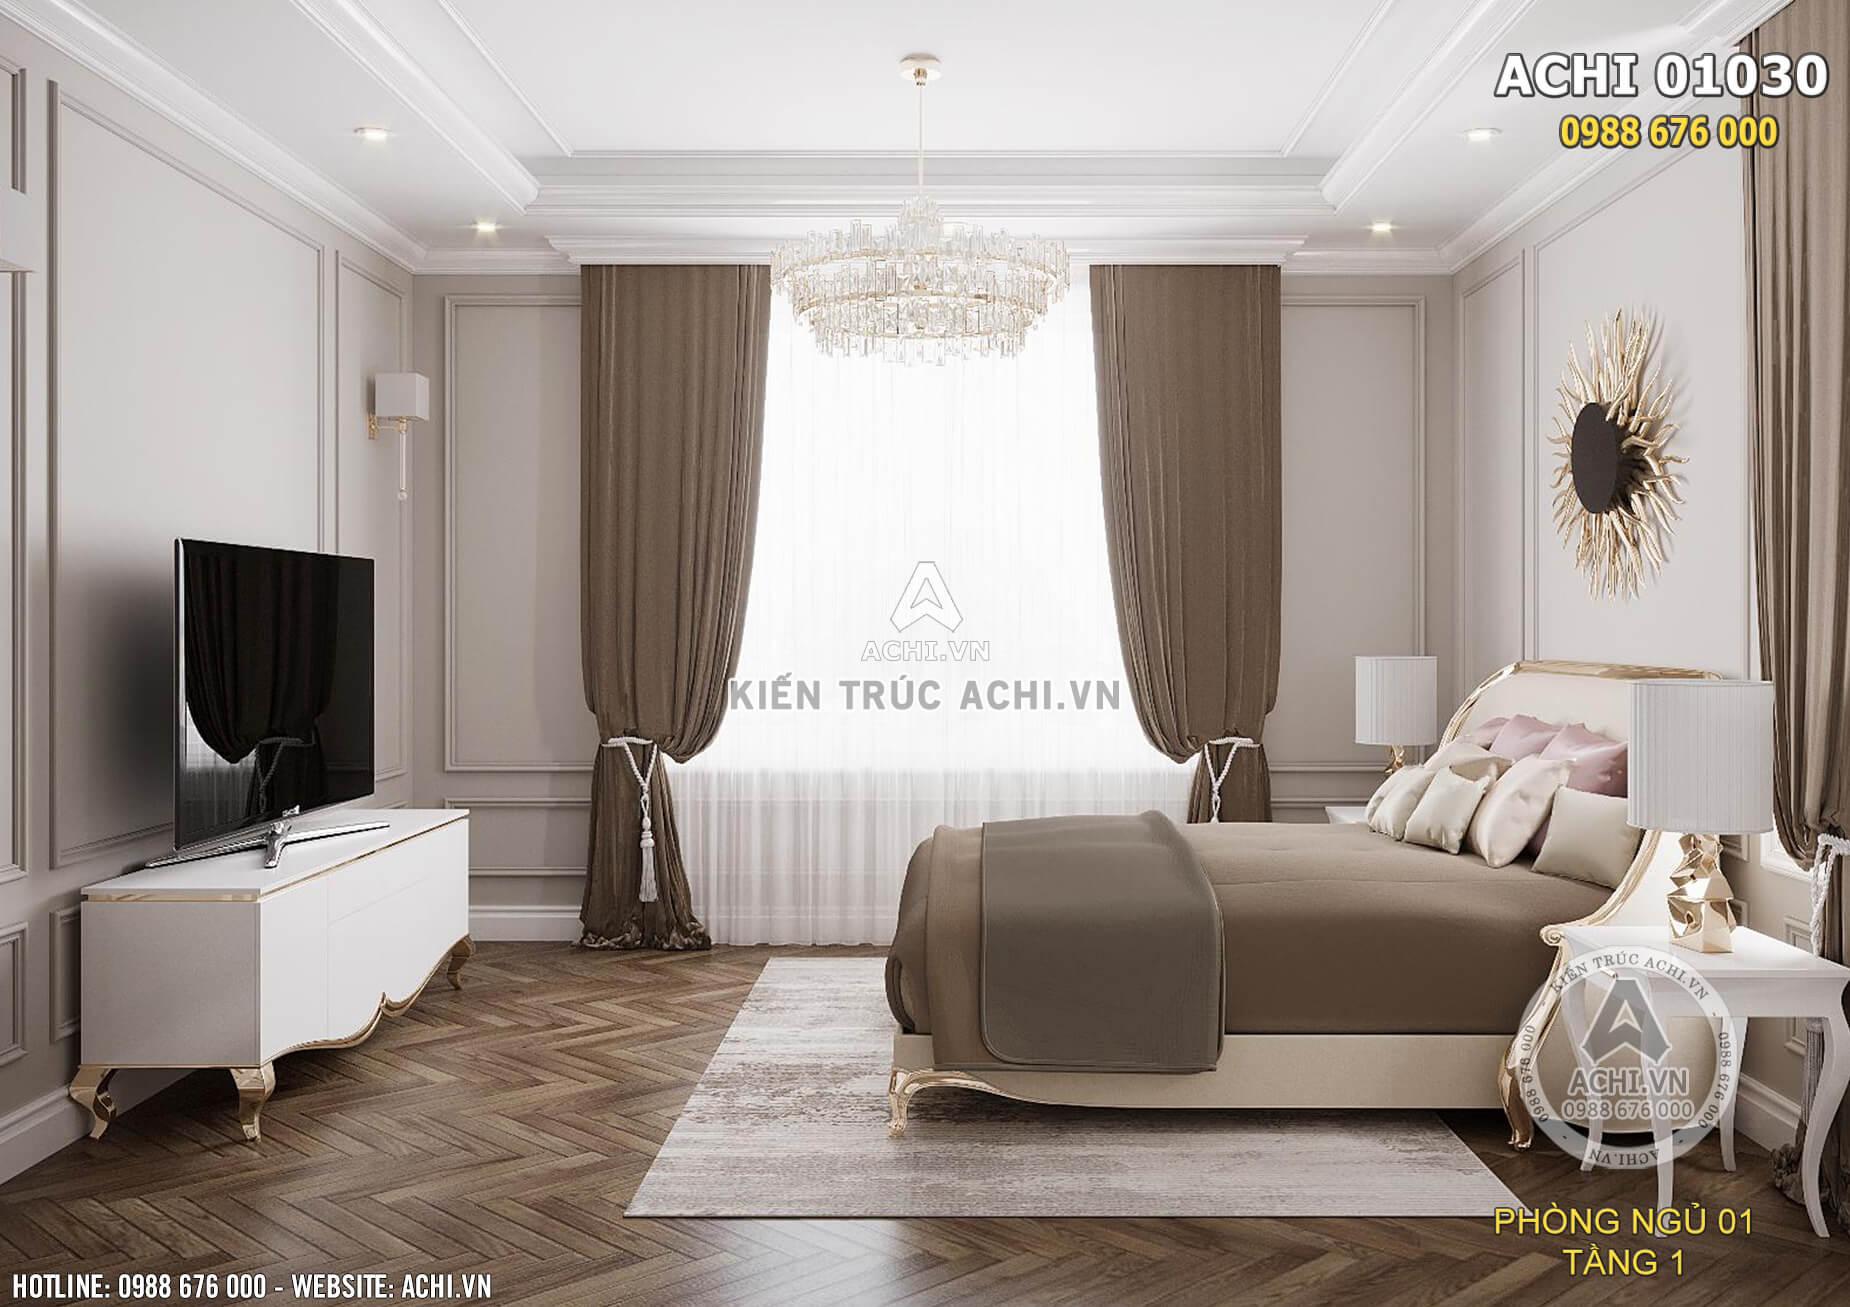 Thiết kế nội thất phòng ngủ tân cổ điển nhẹ nhàng, tiện nghi